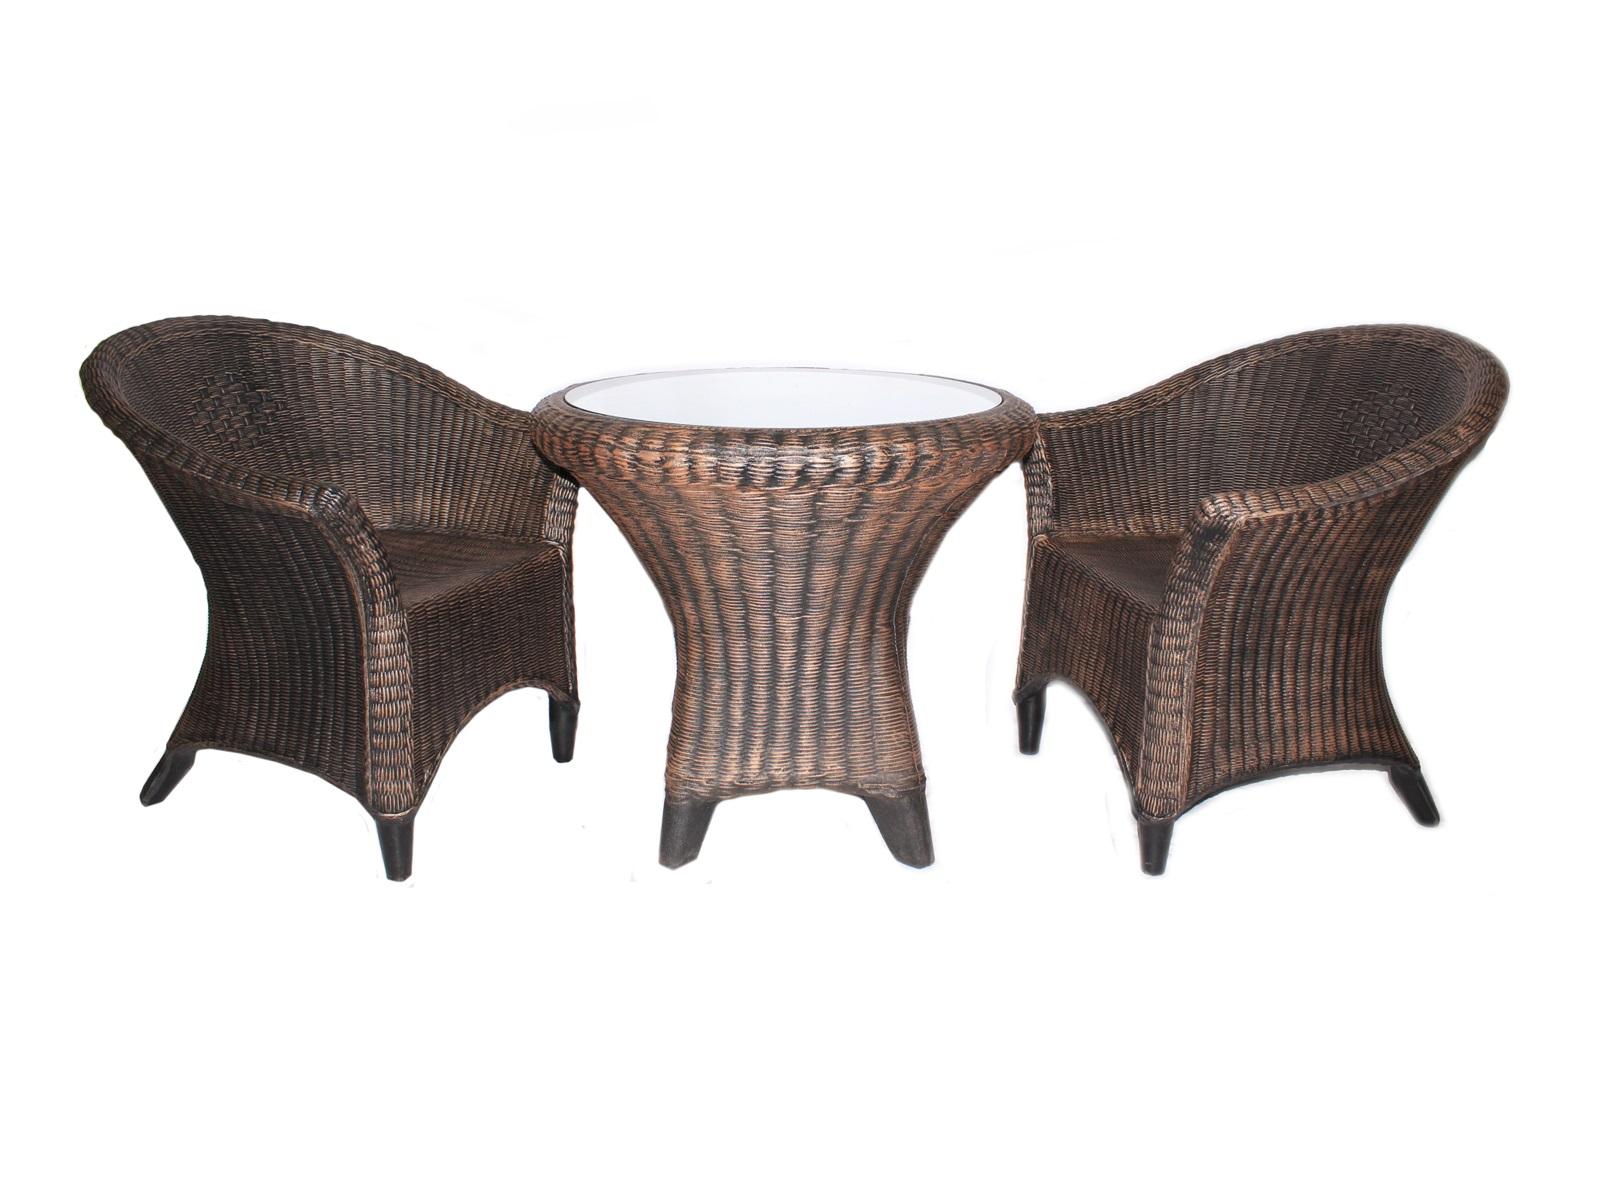 Комплект мебели ротанг (3 предмета) (green garden) коричневый 68 см.